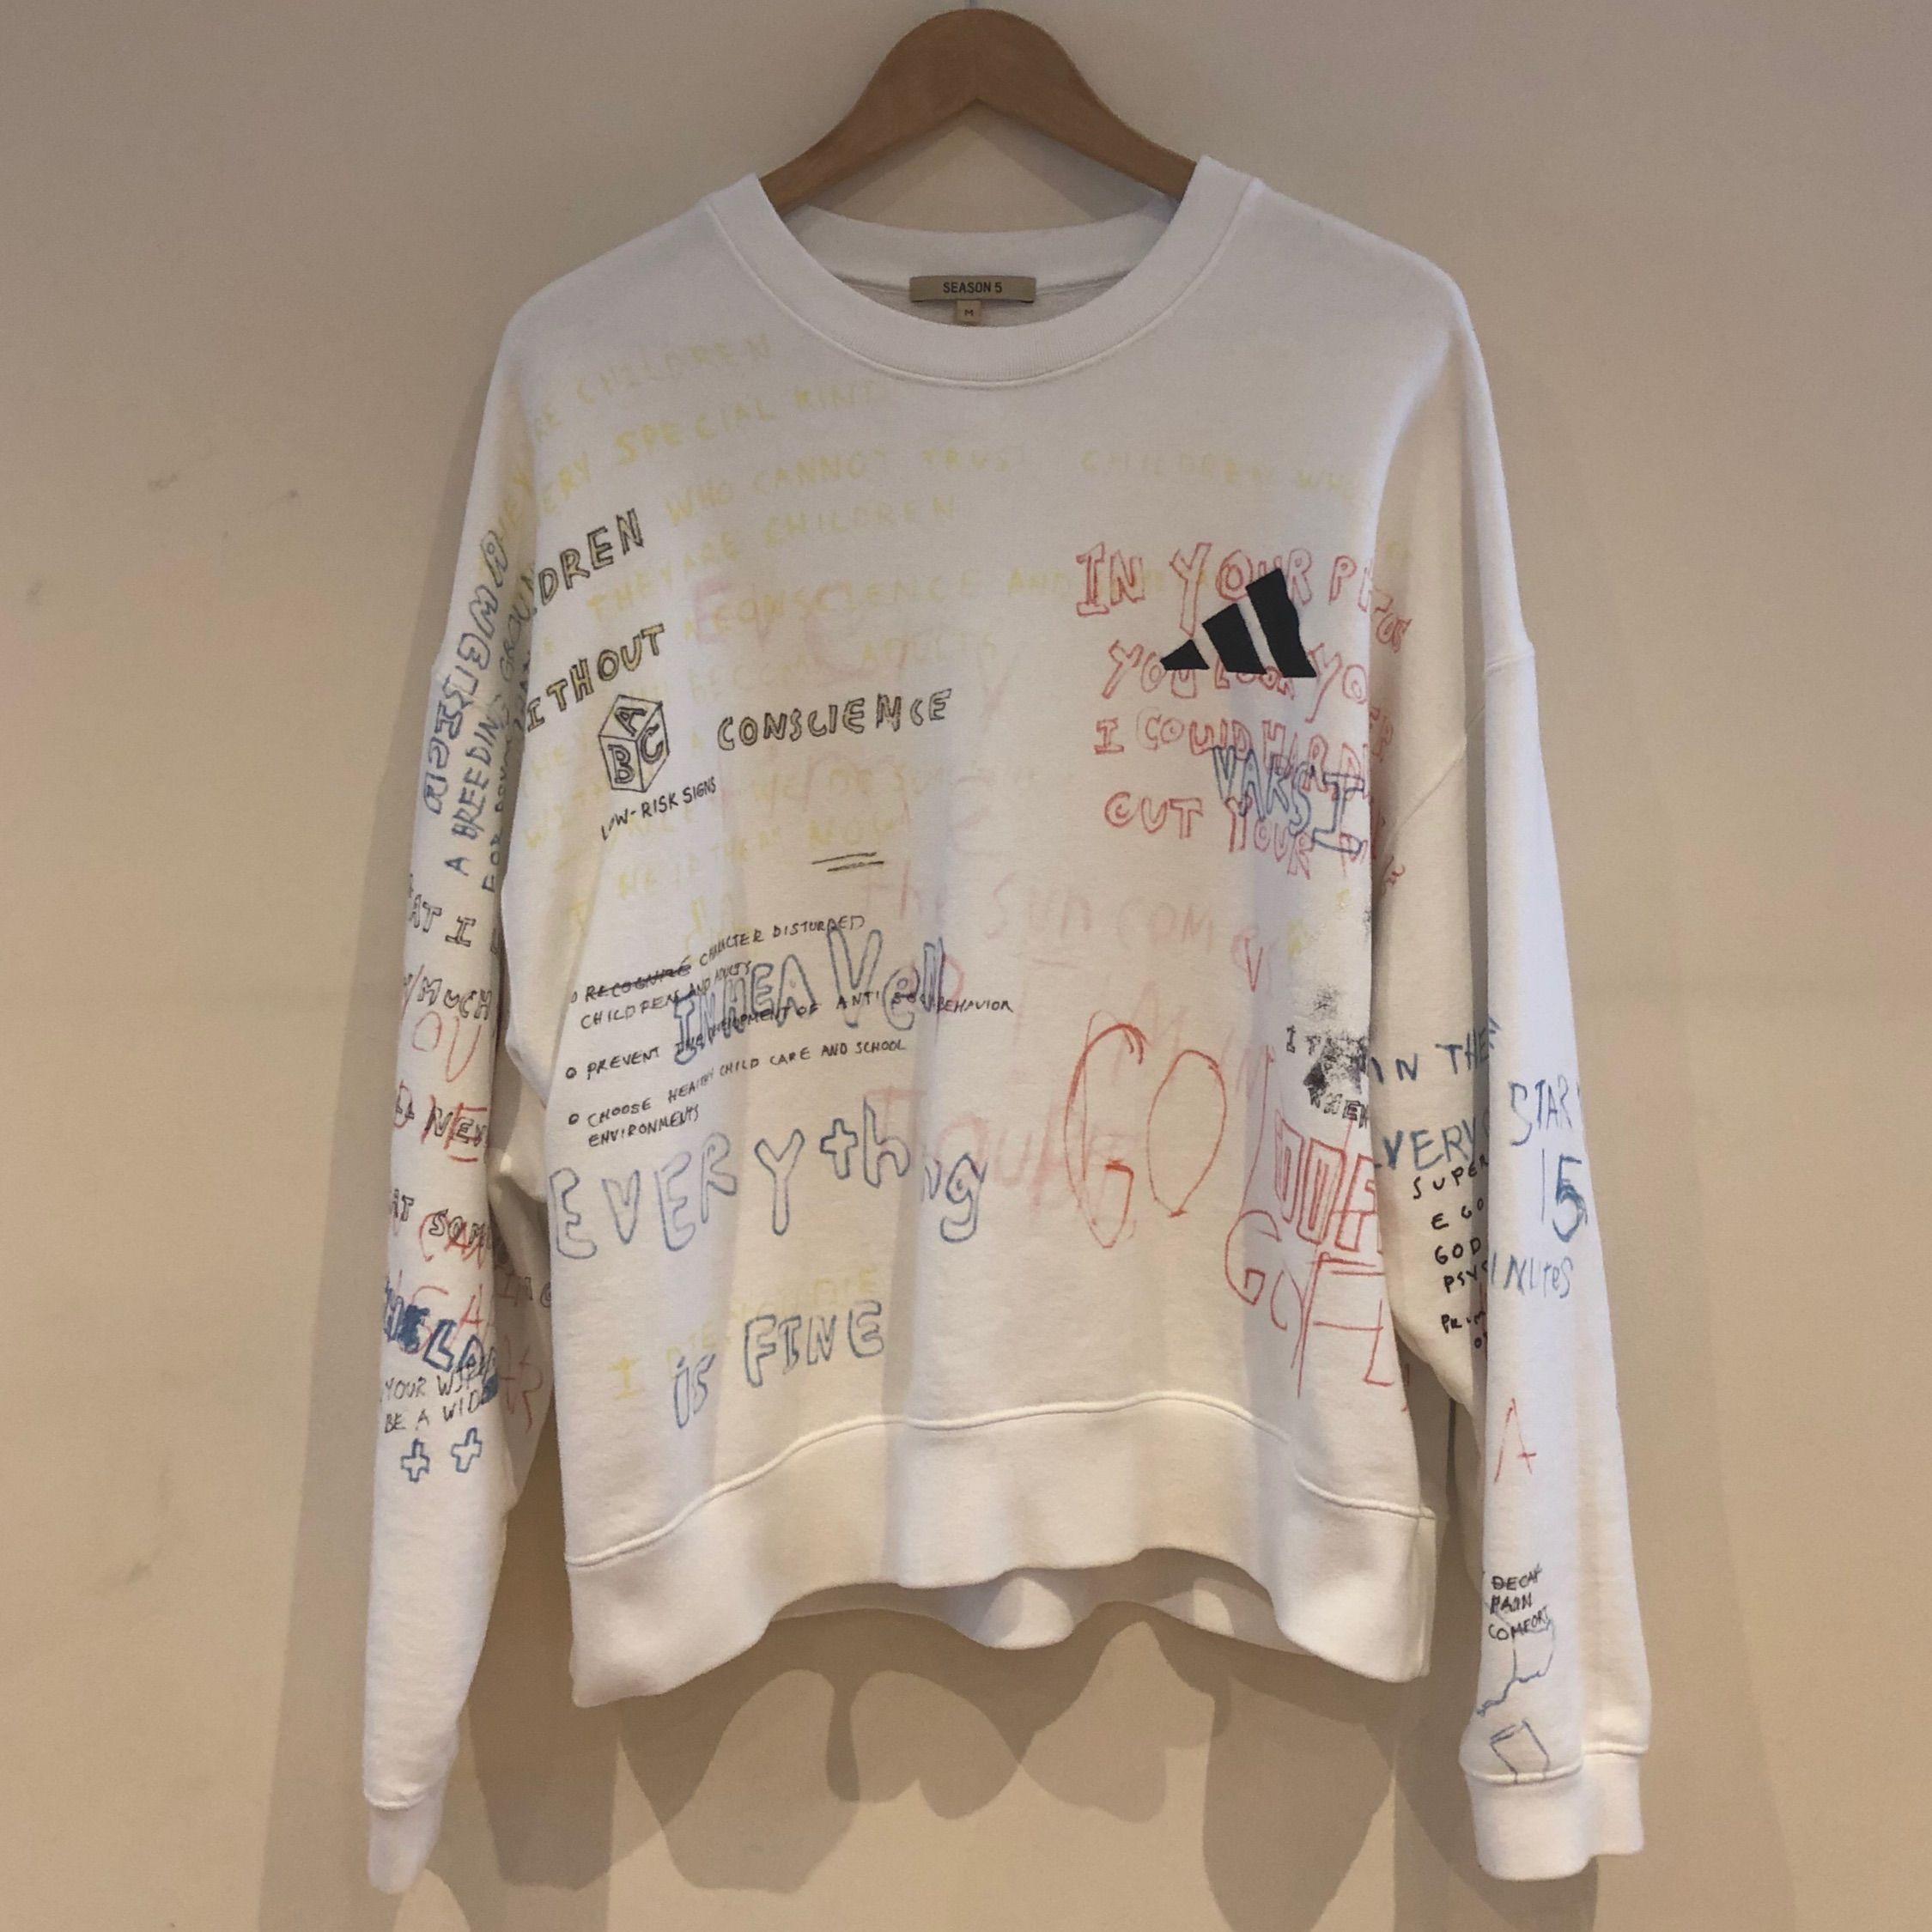 Yeezy Season 5 Colored Crewneck Yeezy Sweater Long Sleeve Tshirt Men Yeezy Season [ 2250 x 2250 Pixel ]